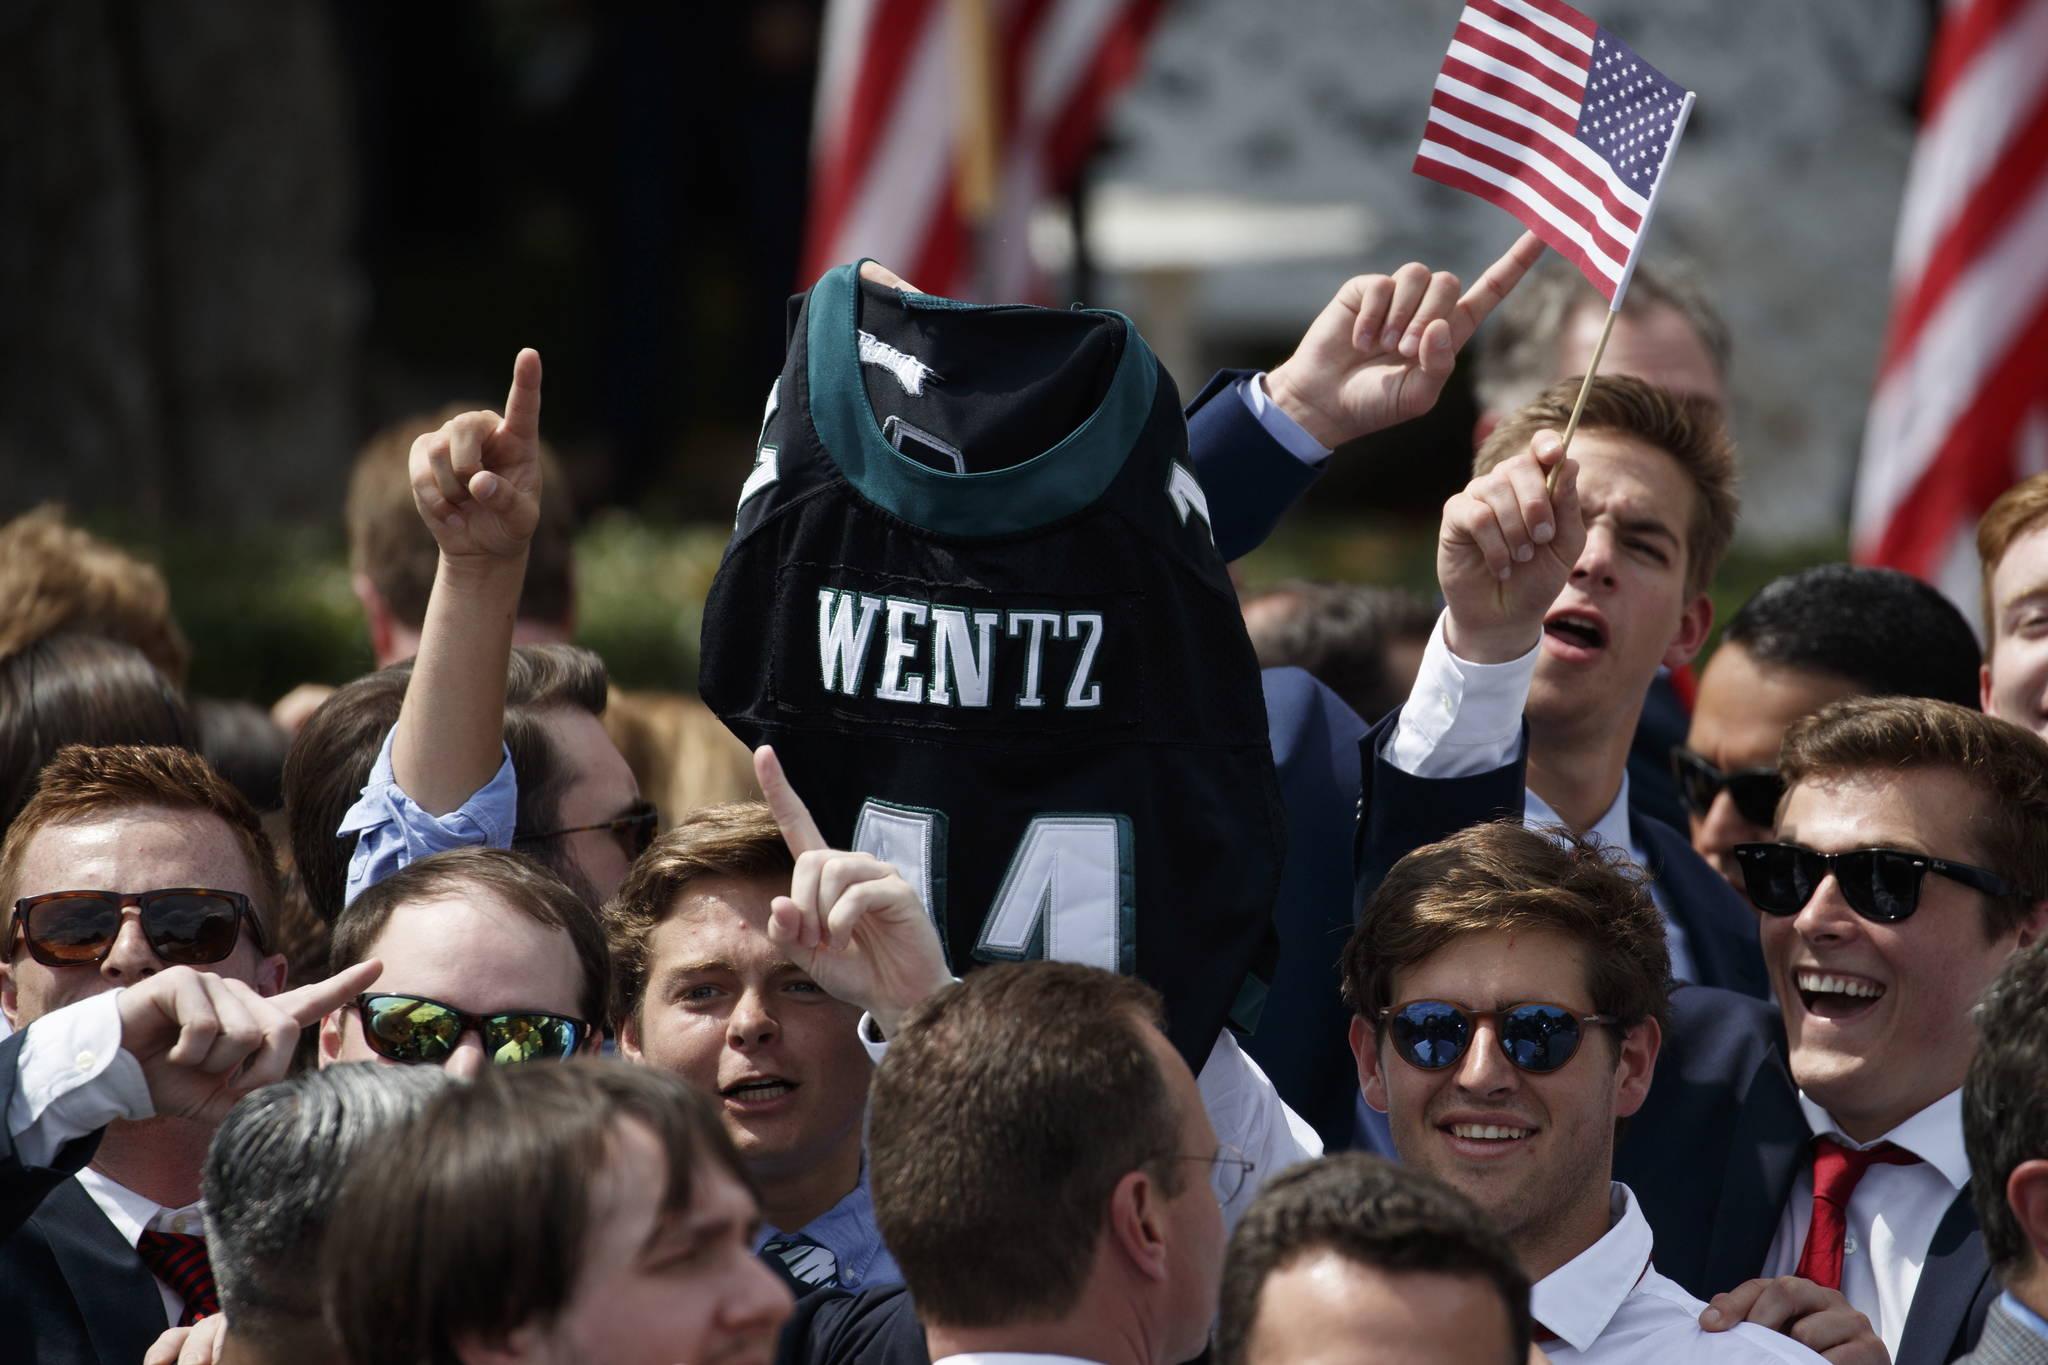 행사에 참여한 필라델피아 이글스의 한 팬이 쿼터백 카슨 웬츠의 유니폼을 흔들어 보이고 있다.